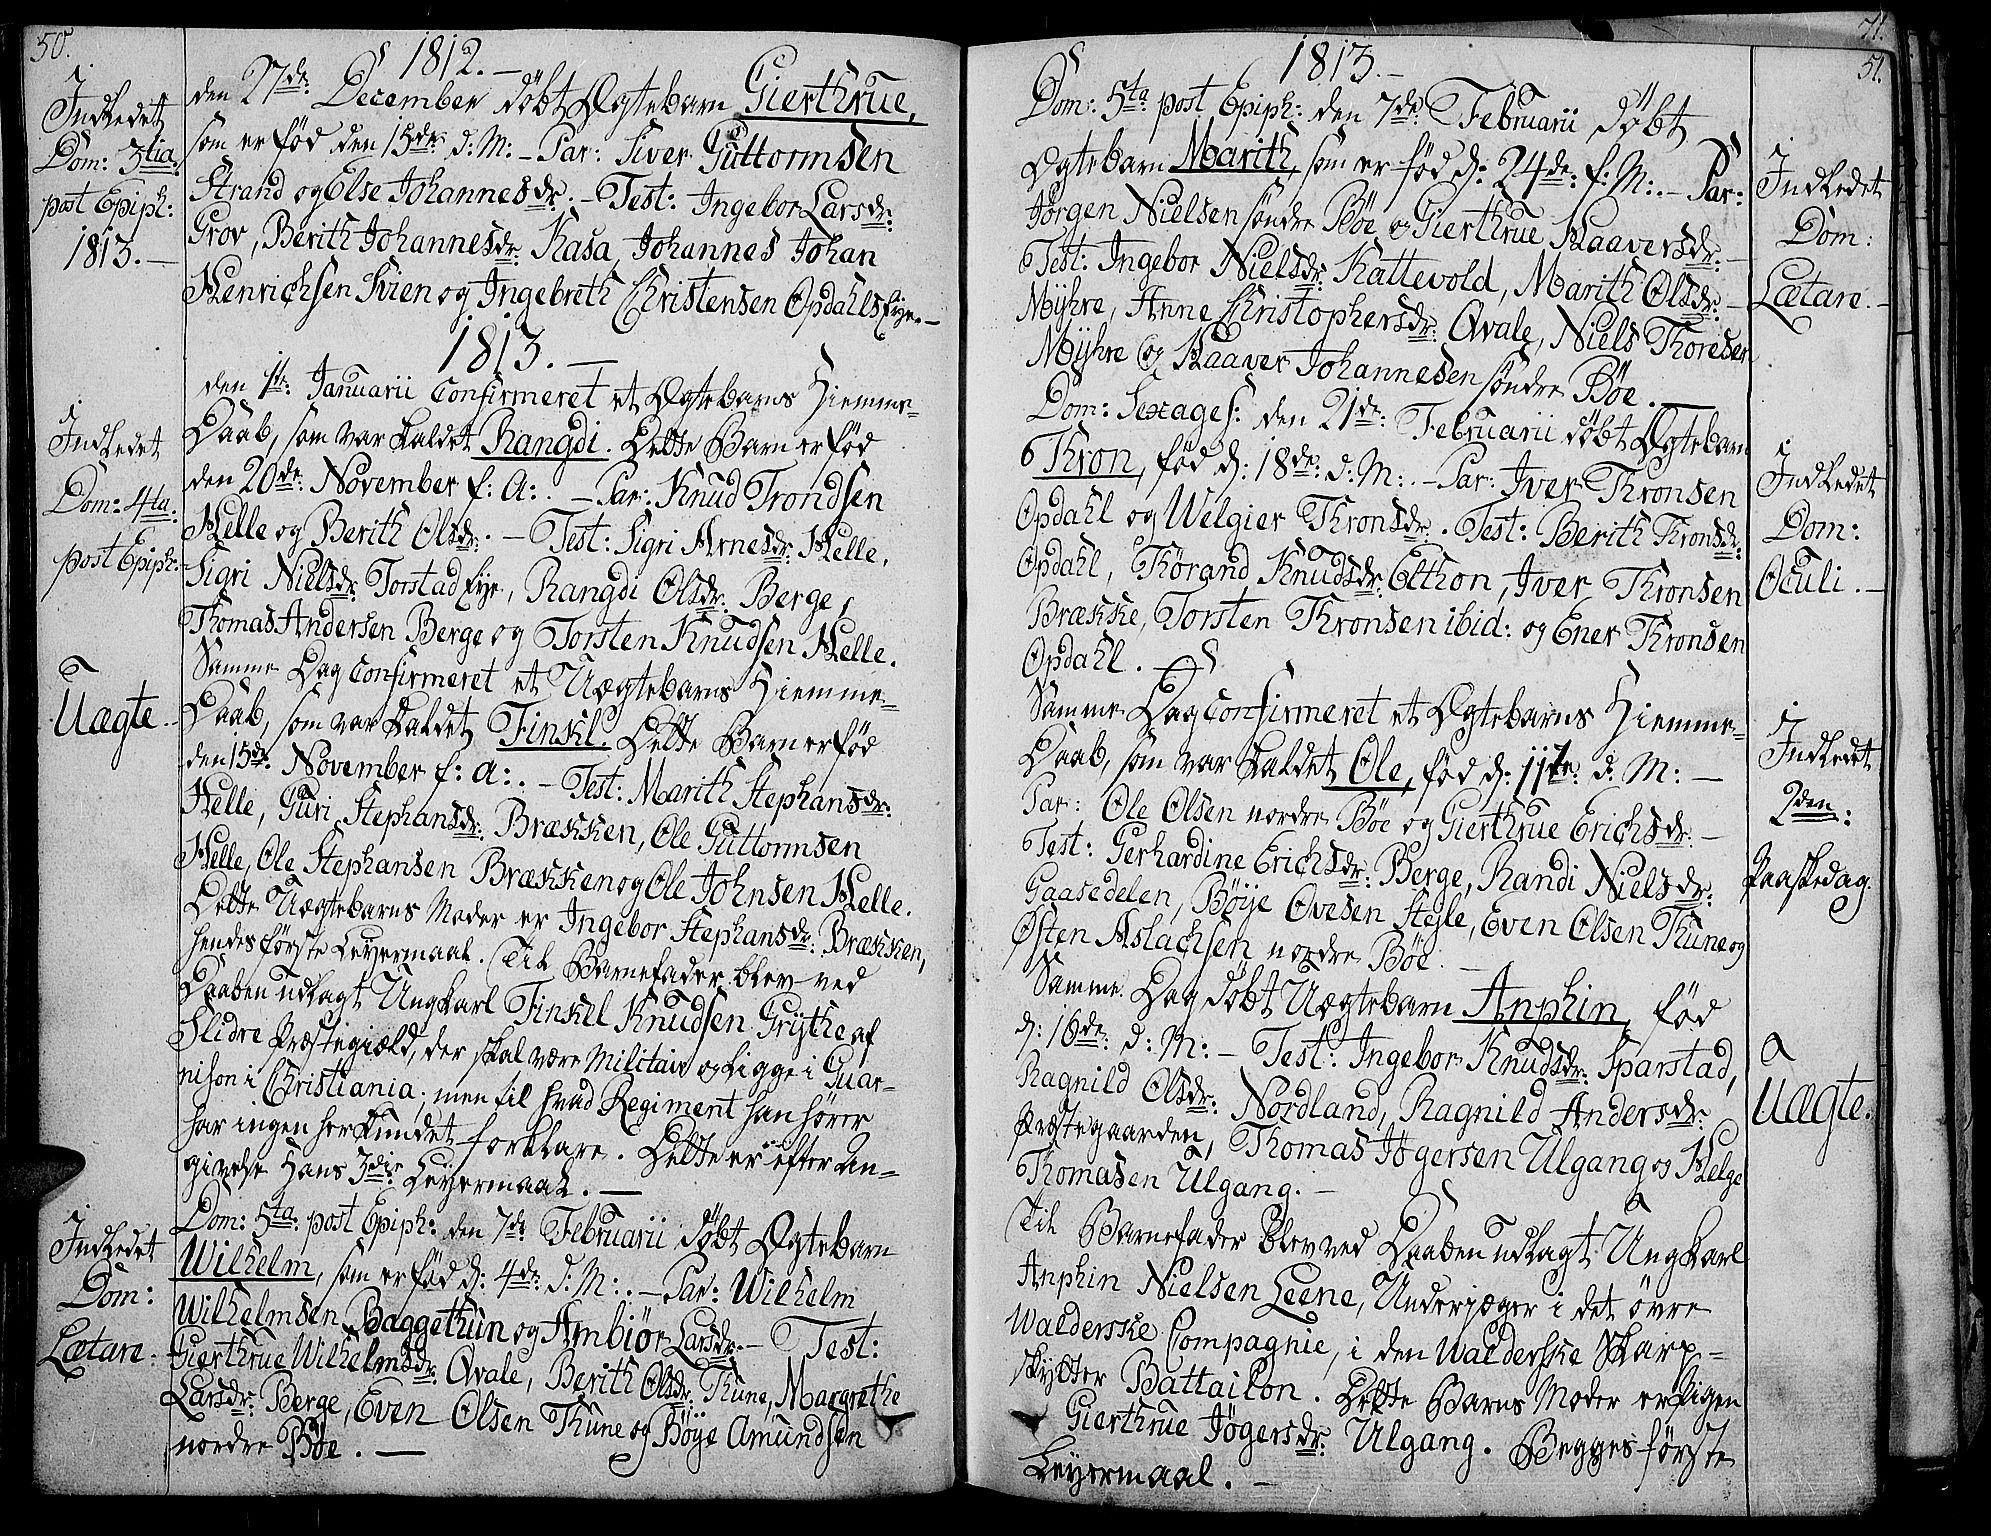 SAH, Vang prestekontor, Valdres, Ministerialbok nr. 3, 1809-1831, s. 50-51